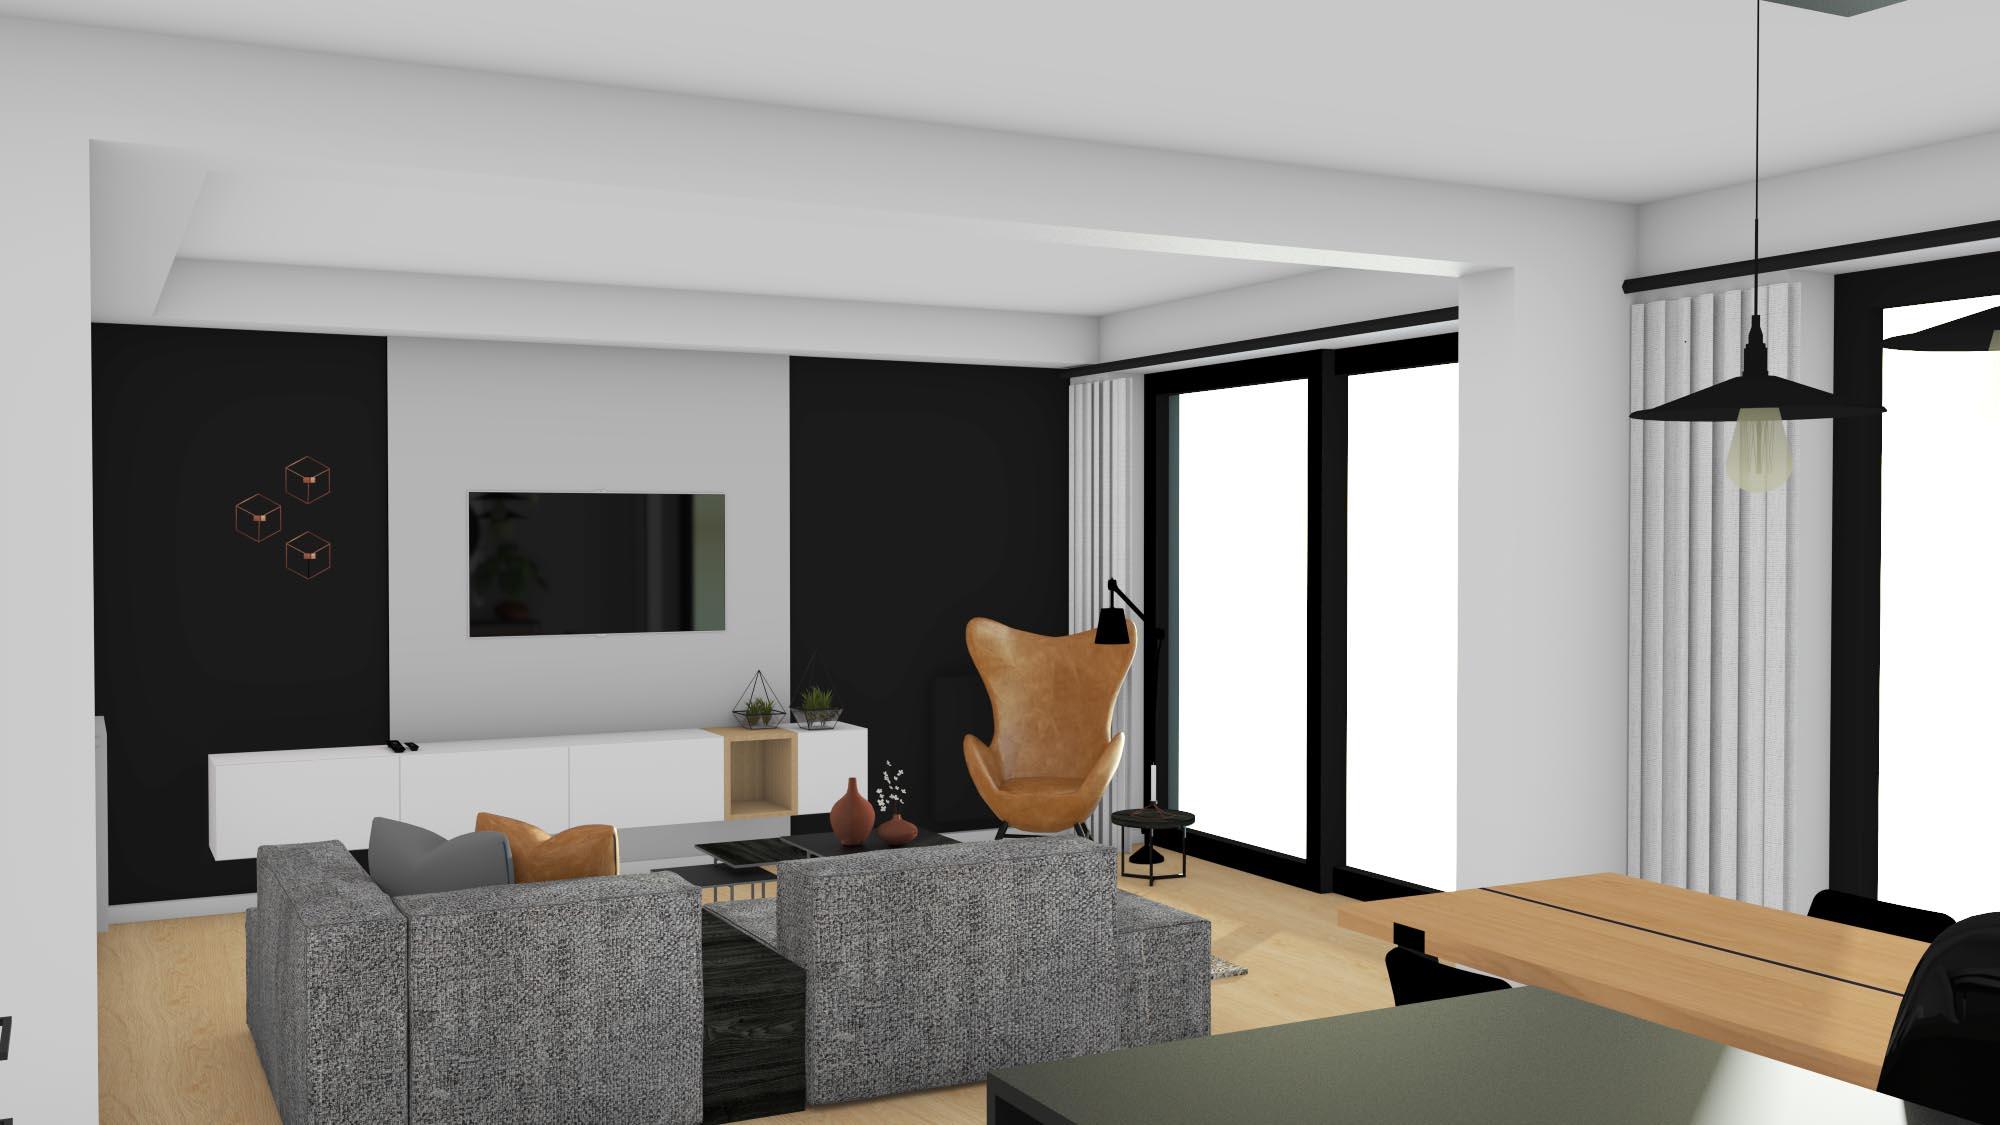 Evolution-interieurwinkel-hasselt-totaalinrichtingen-familie-V-3D-visualisatie-living-lederen-fauteuil